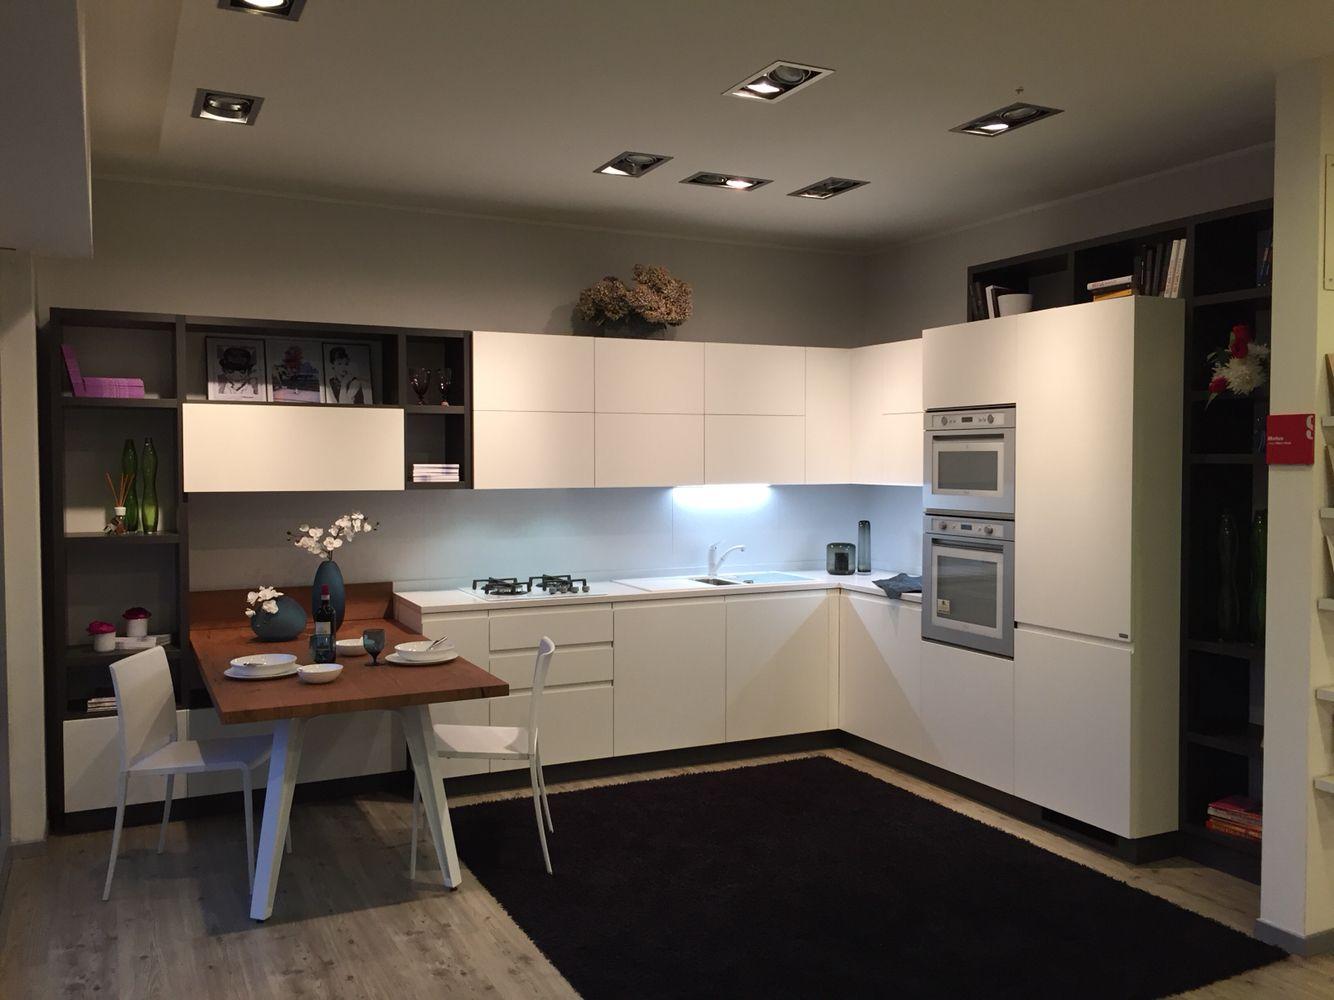 Cucina scavolini modello motus anta decorativo bianco puro castellettiarredamenti kitchen - Kitchens scavolini ...